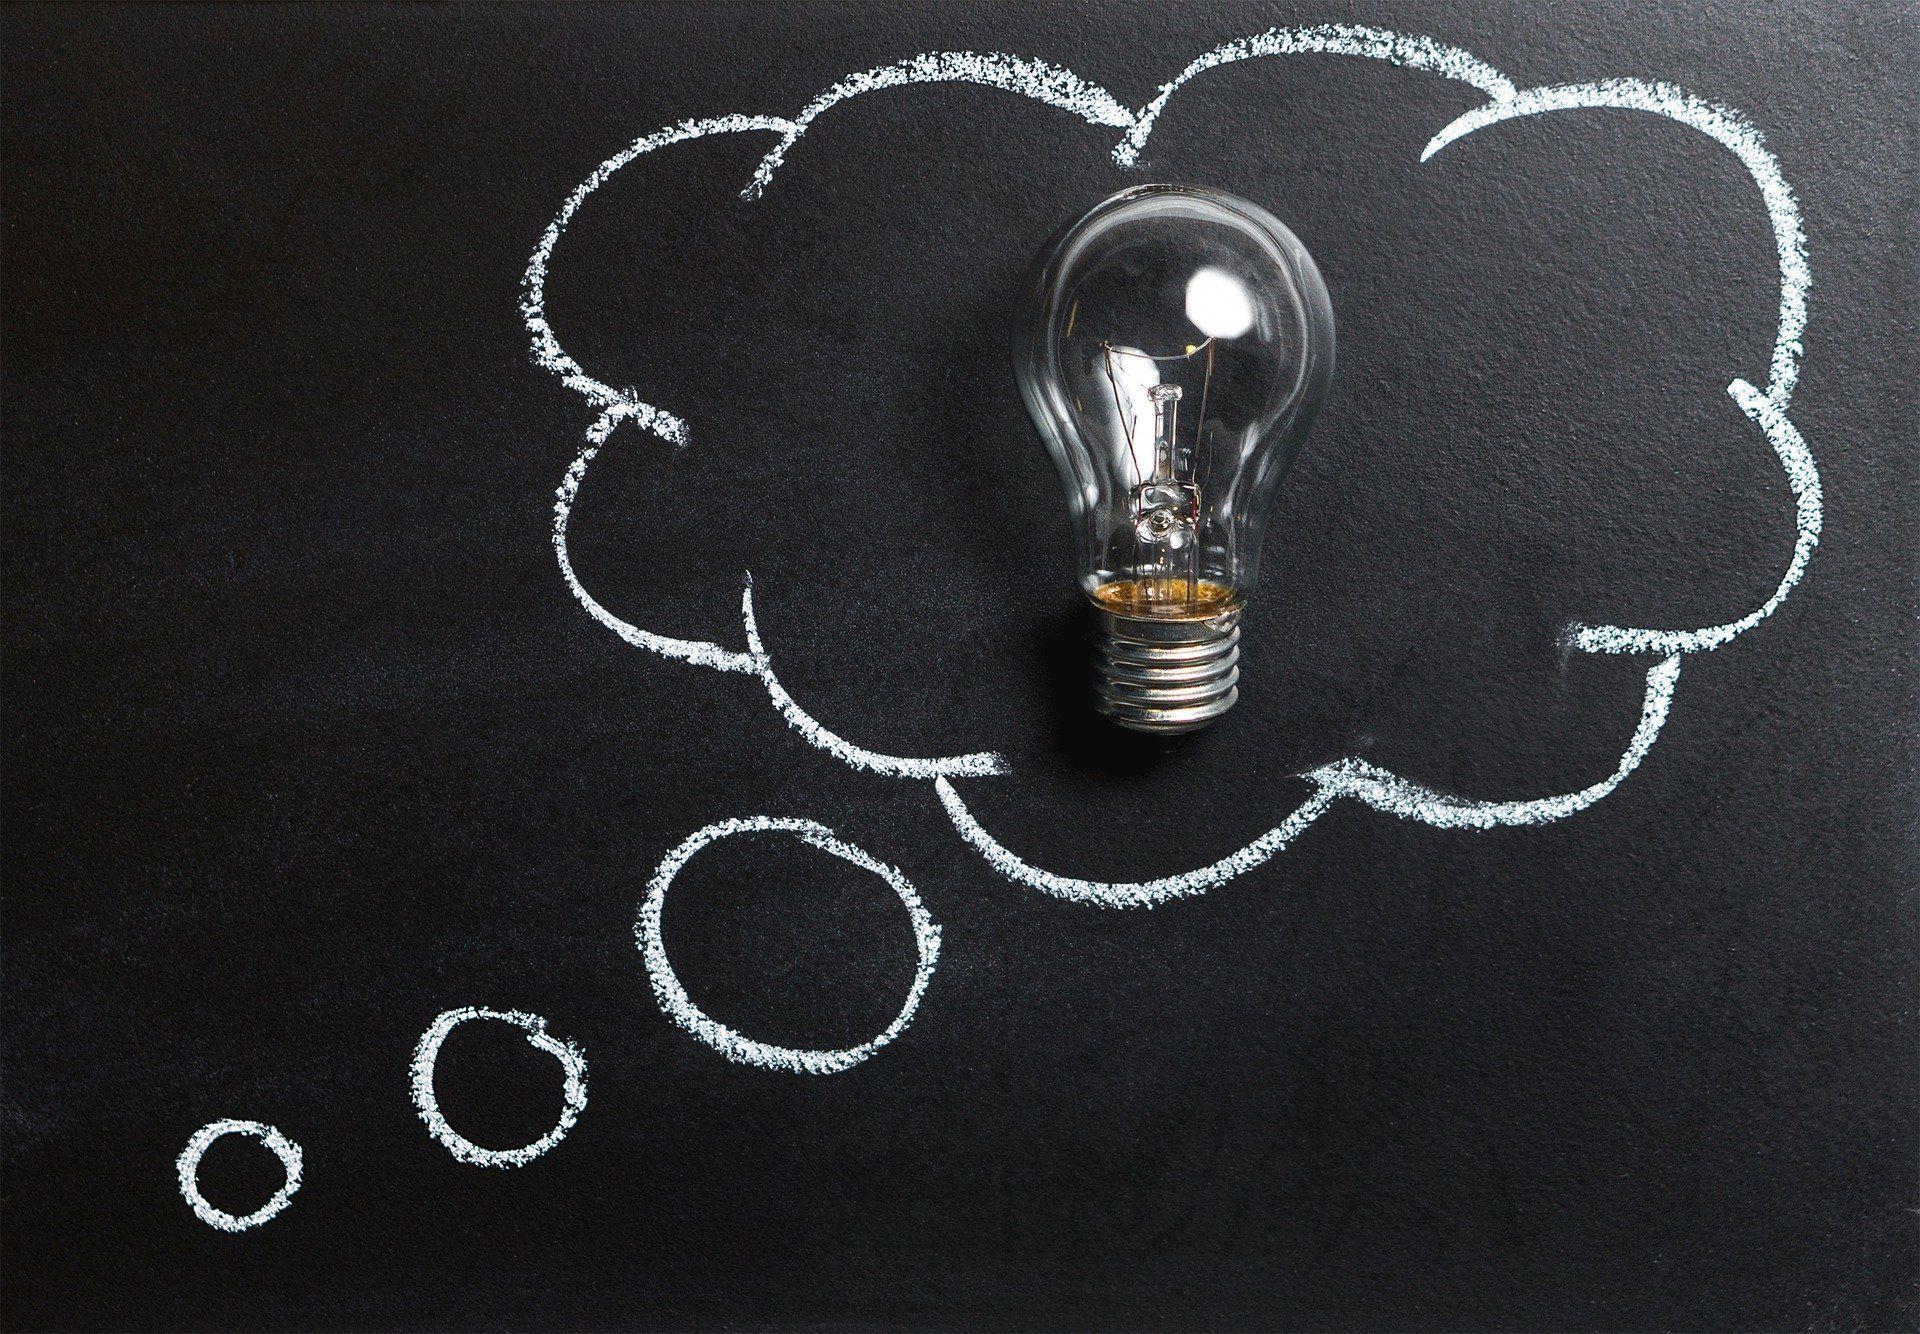 Thought, kuva jossa lamppu ajatuskuplan sisällä